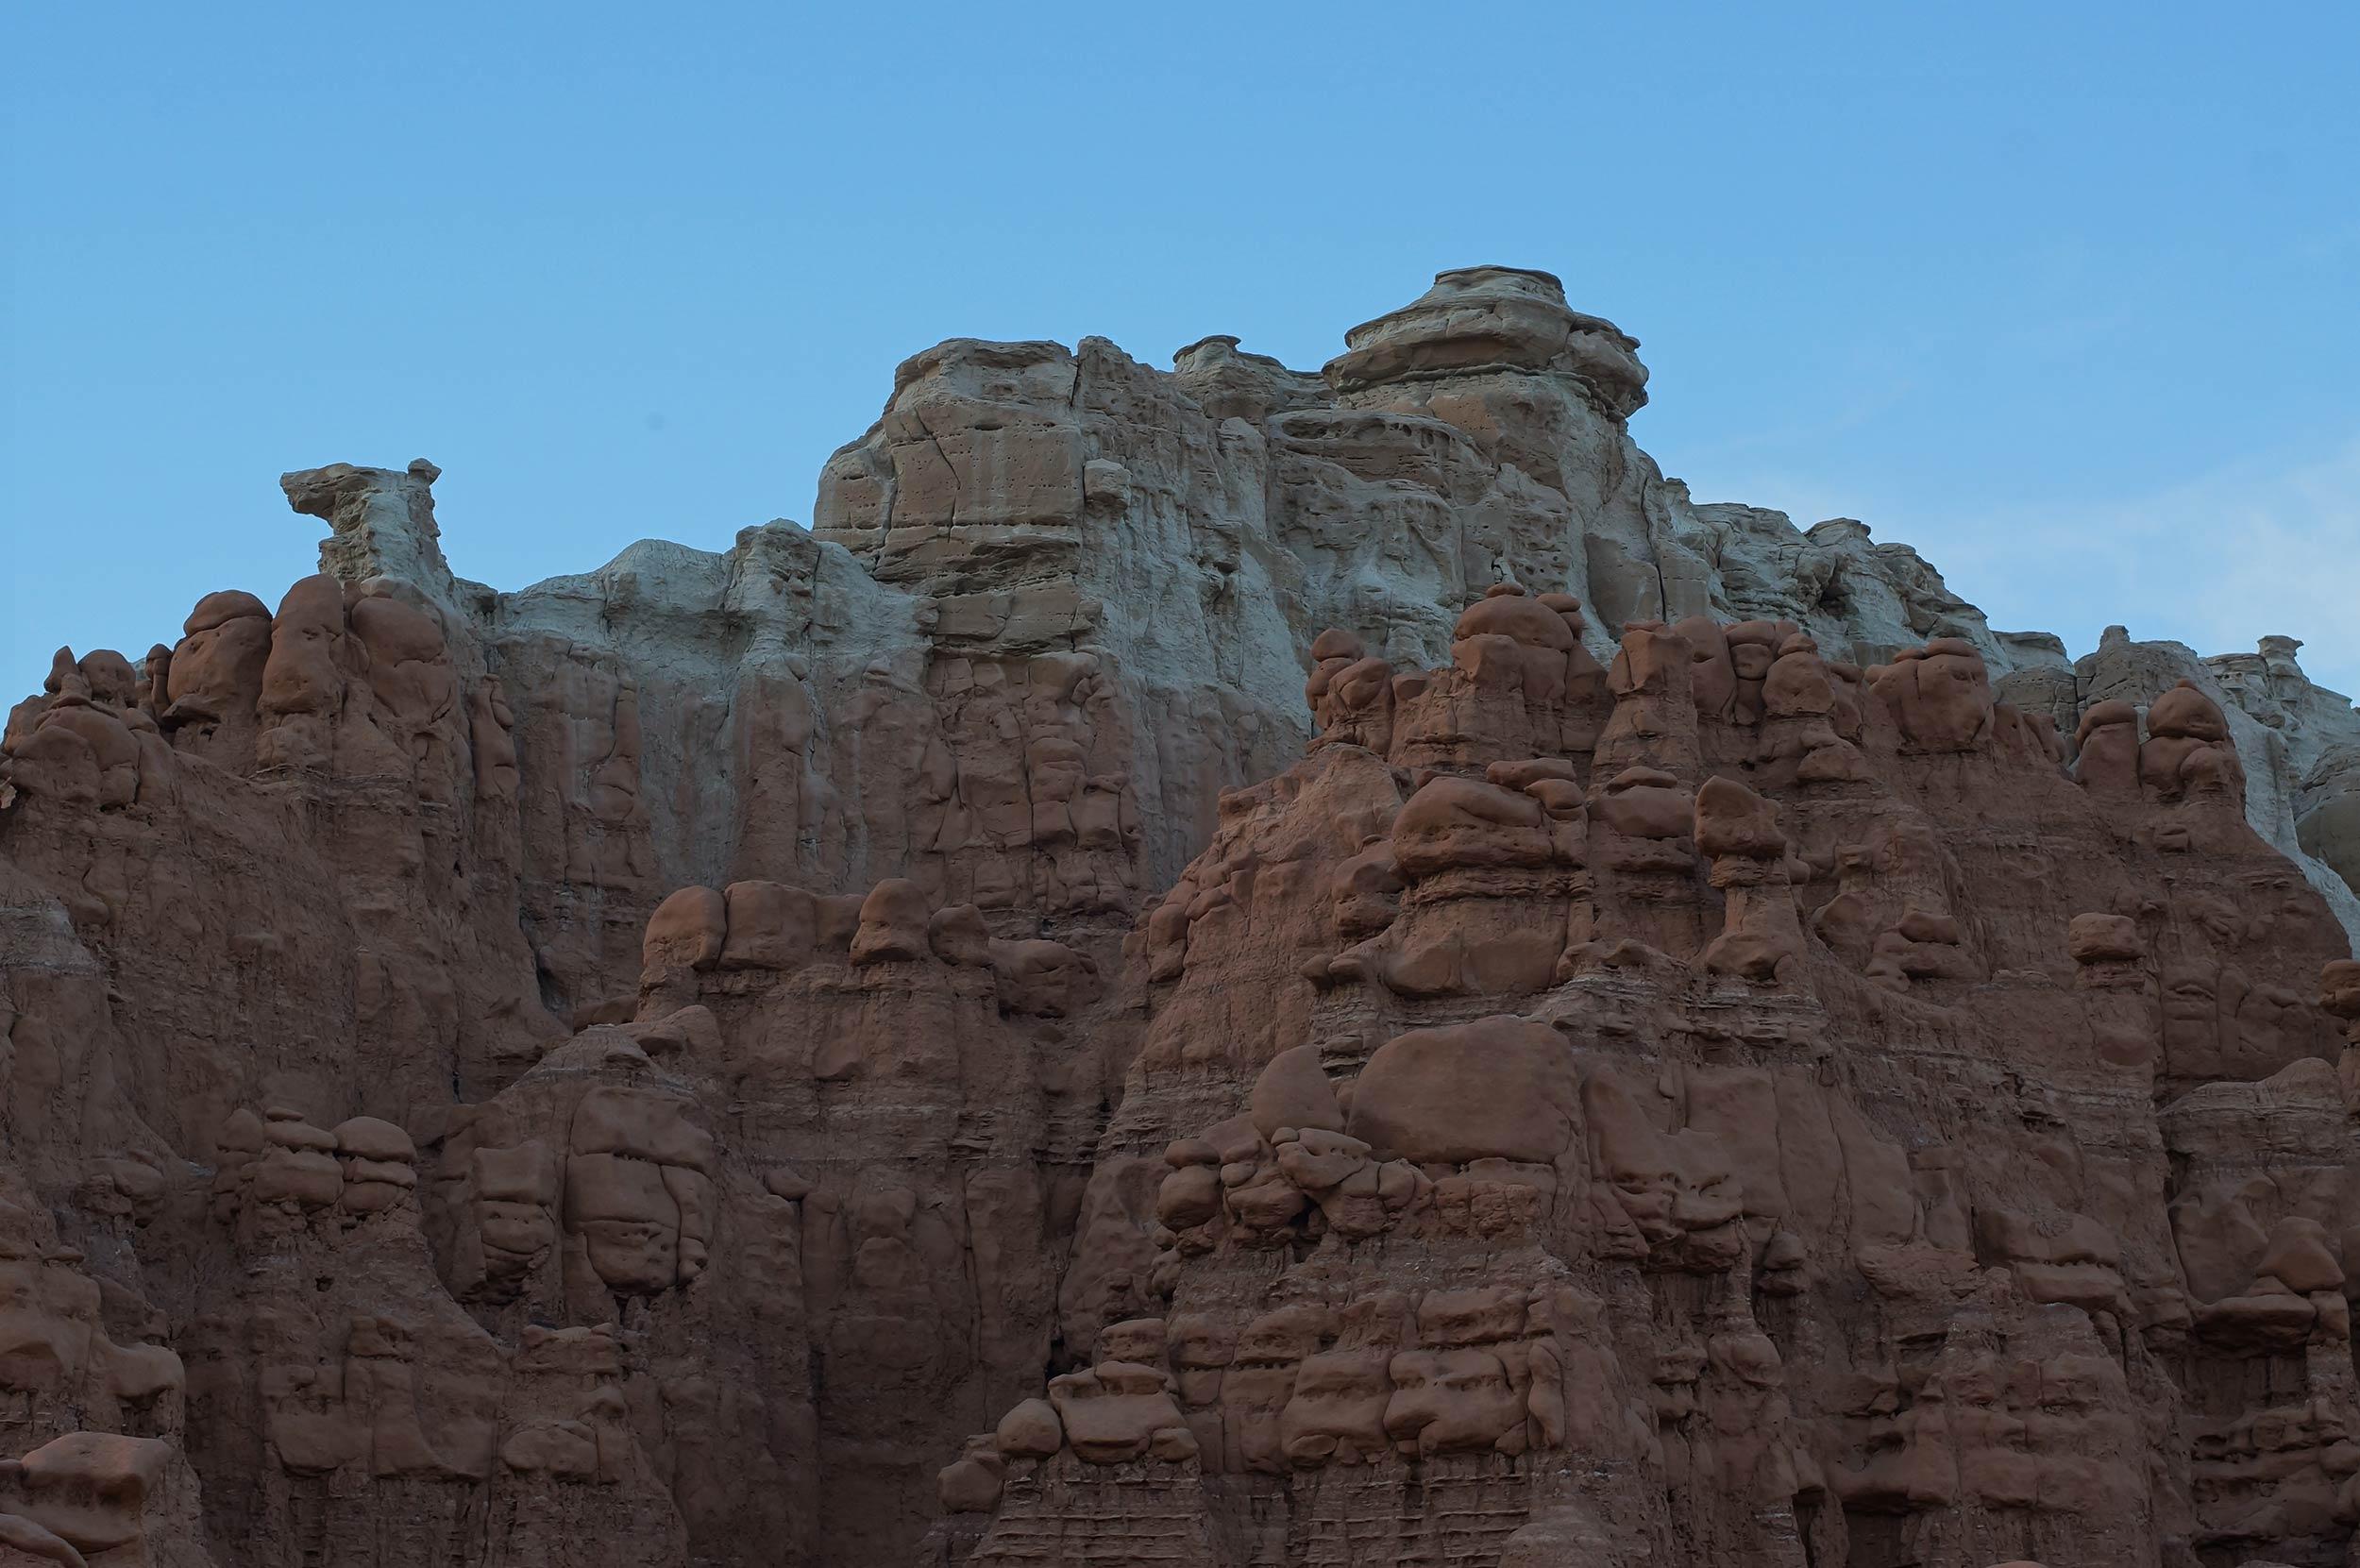 goblin_valley_rocks3.jpg